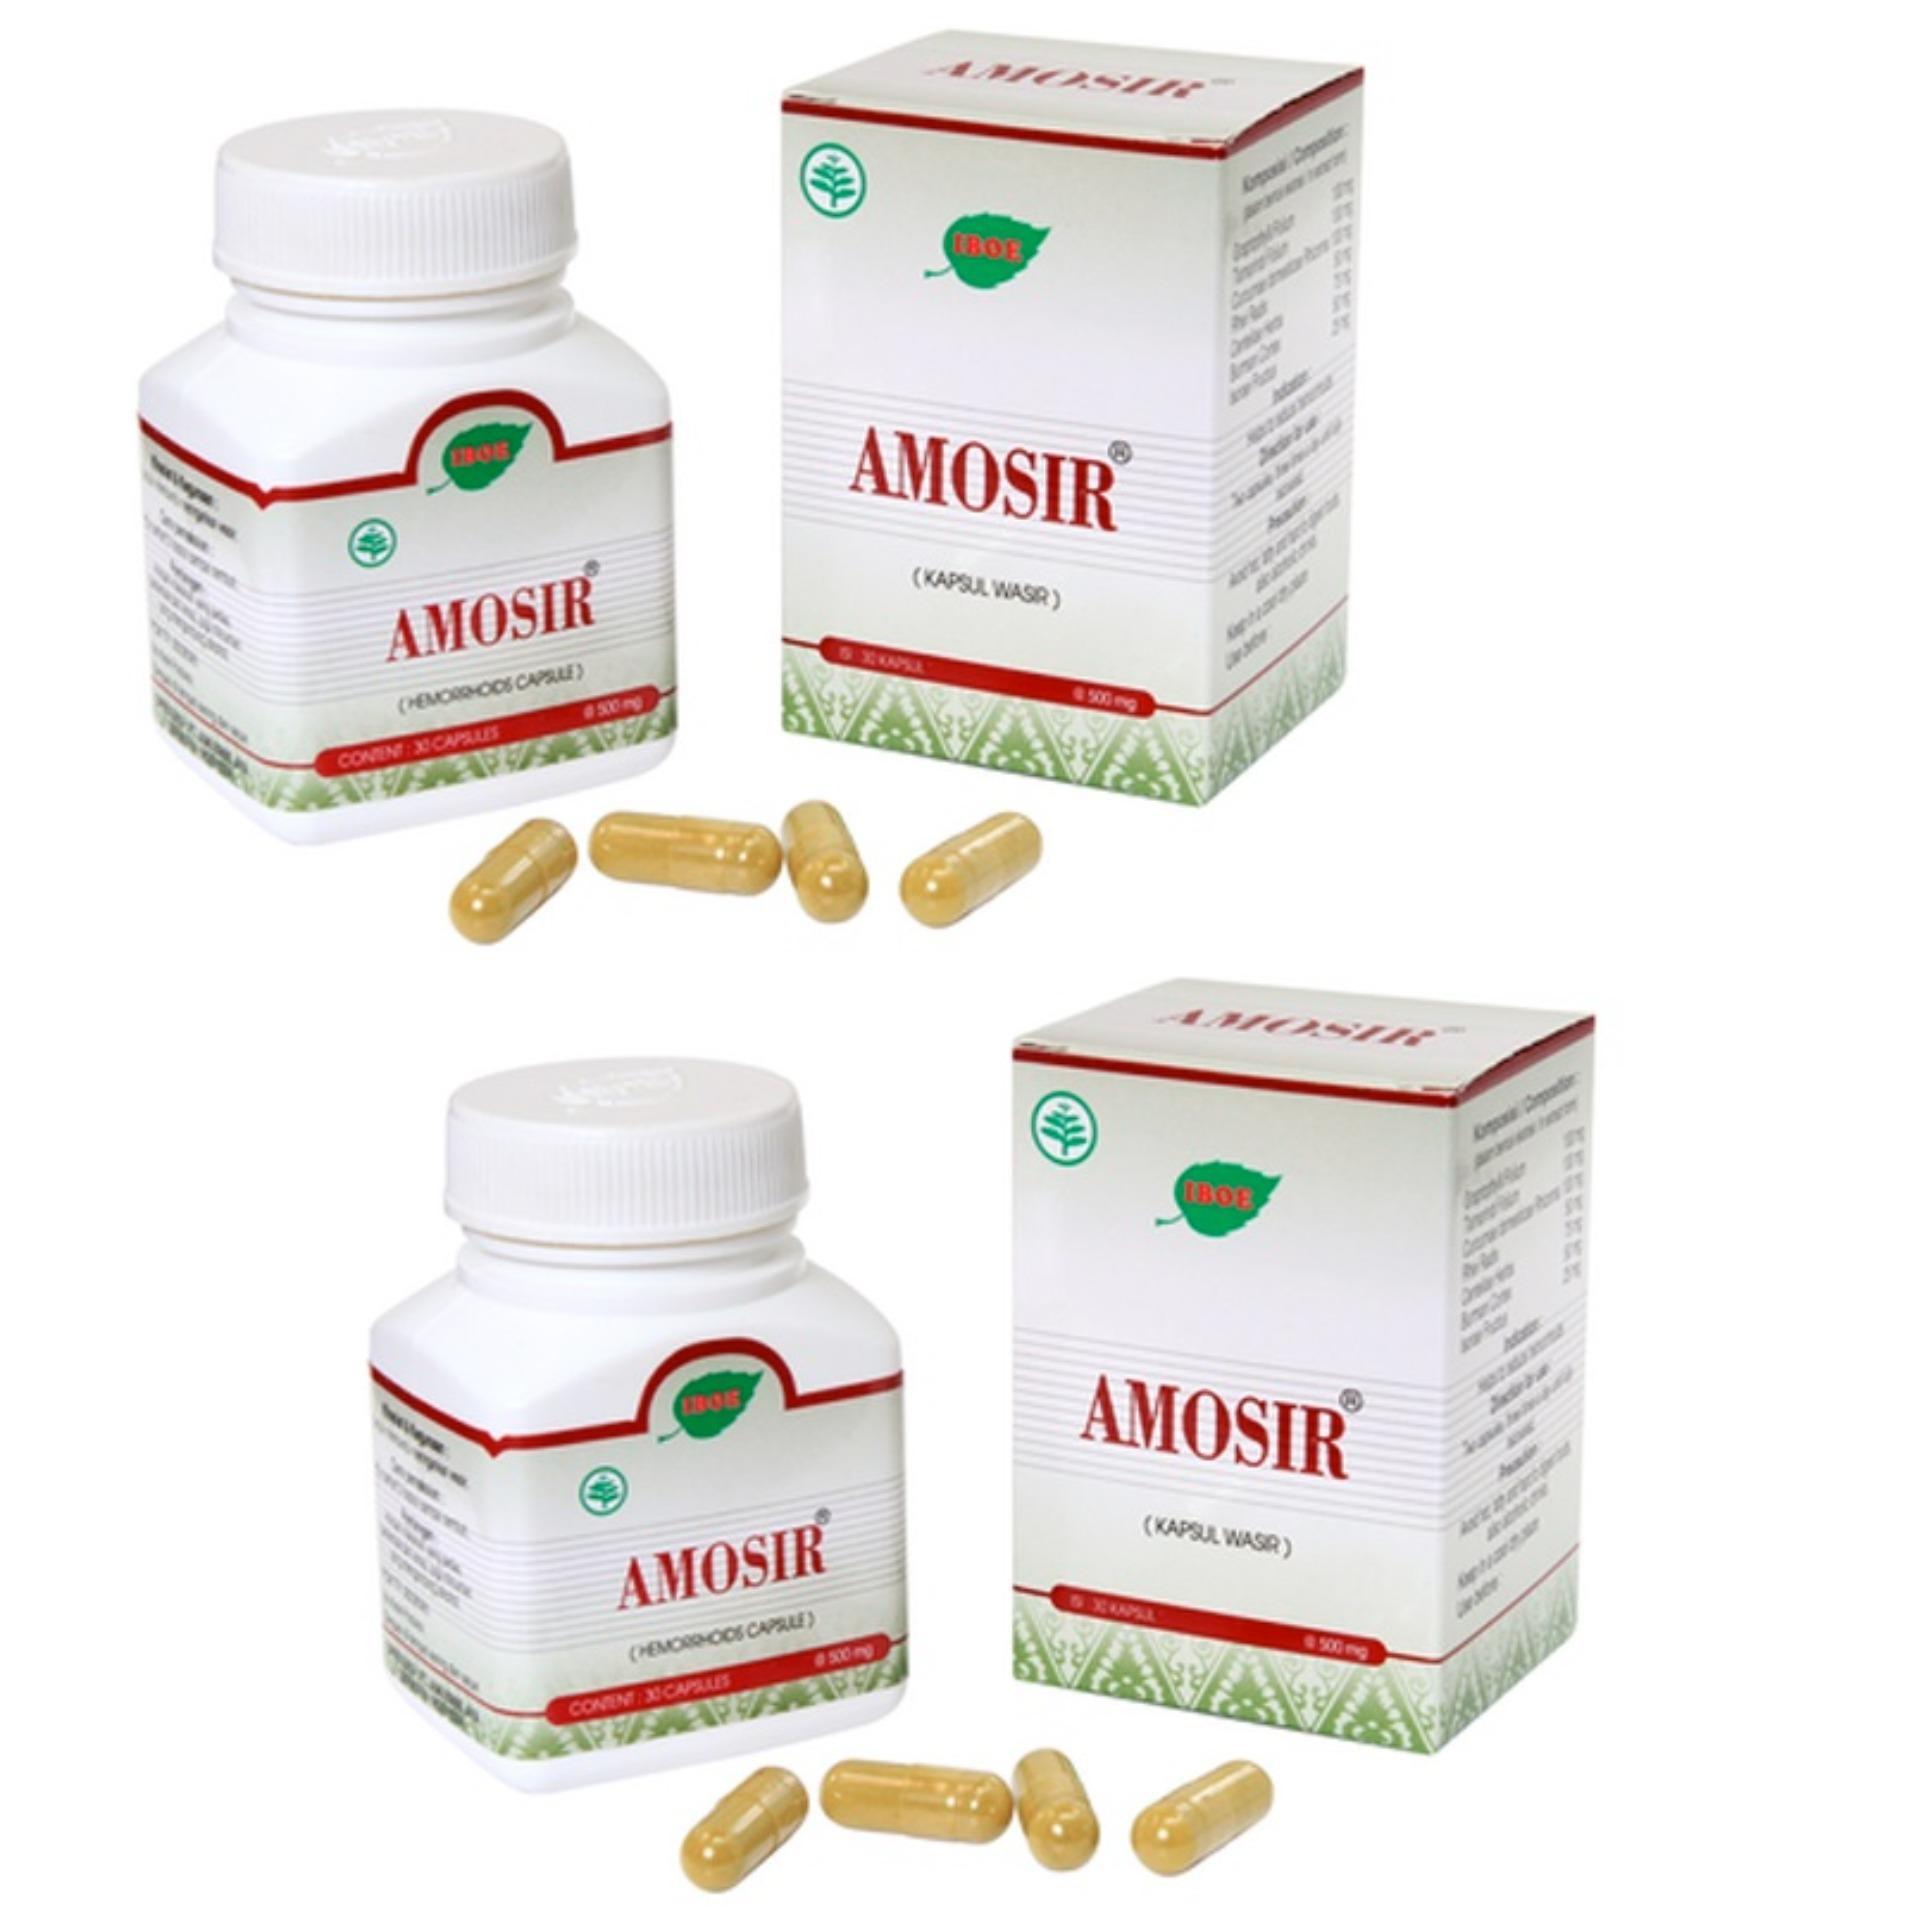 Jamu Iboe Galian Rapet 30s Paket 2 Botol Obat Diet Pelangsing Body Slim 30 Kapsul Flash Sale Amosir Capsules S Wasir Obatambeyen Ambeien